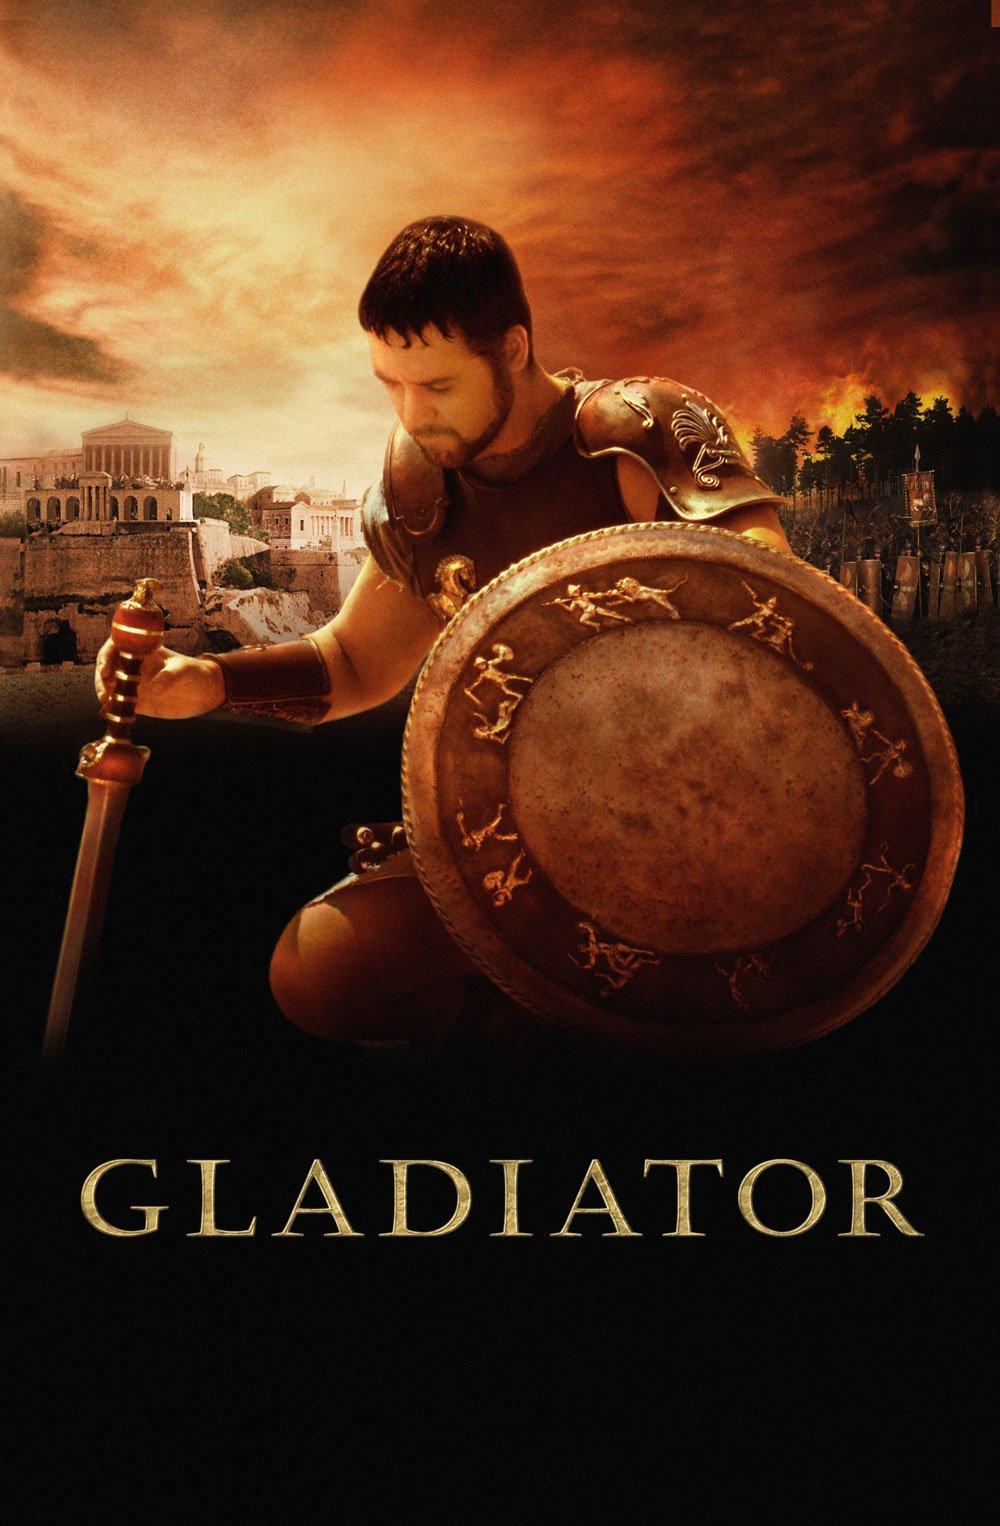 gladiator torrent 1080p fr